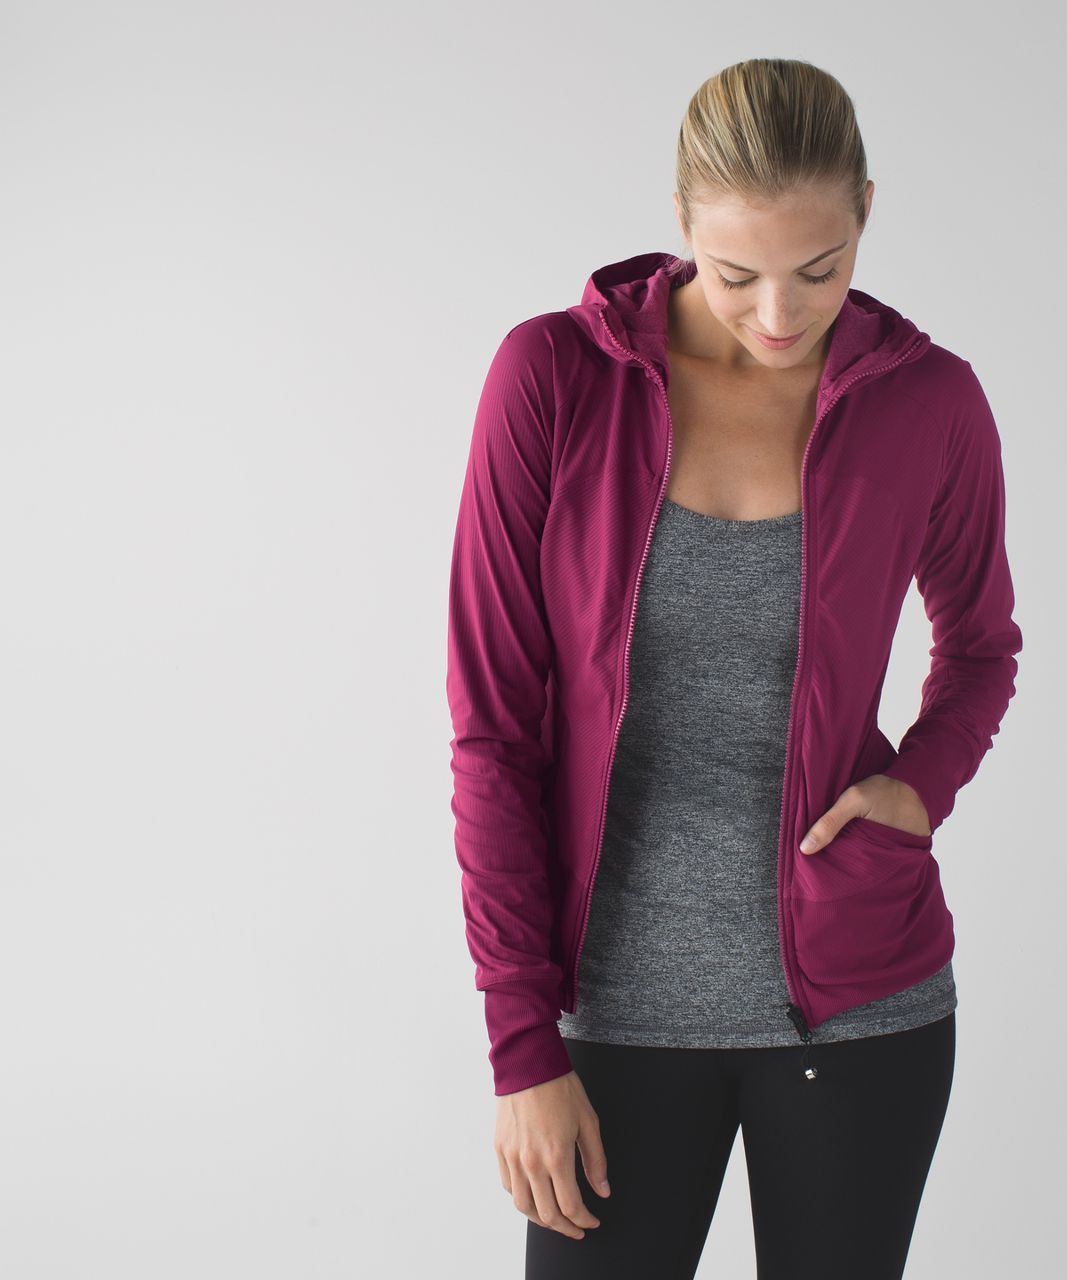 Lululemon In Flux Jacket - Dashing Purple